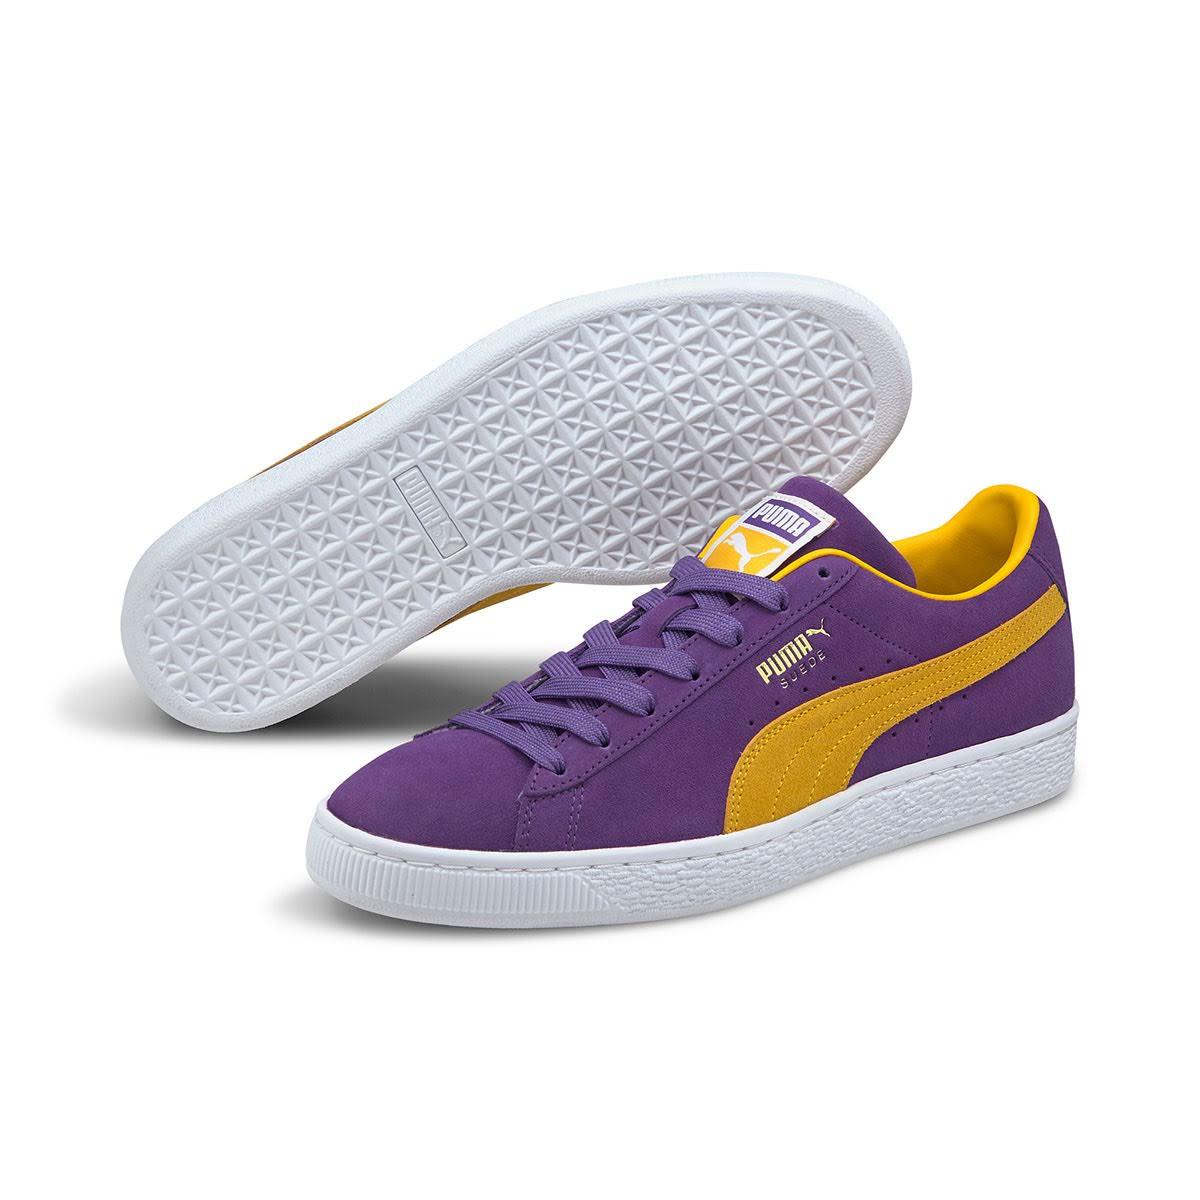 """プーマ スウェード チームス """"ロサンゼルス レイカーズ"""" Puma-Suede-Teams-Los-Angels-Lakers-380168-03-pair"""